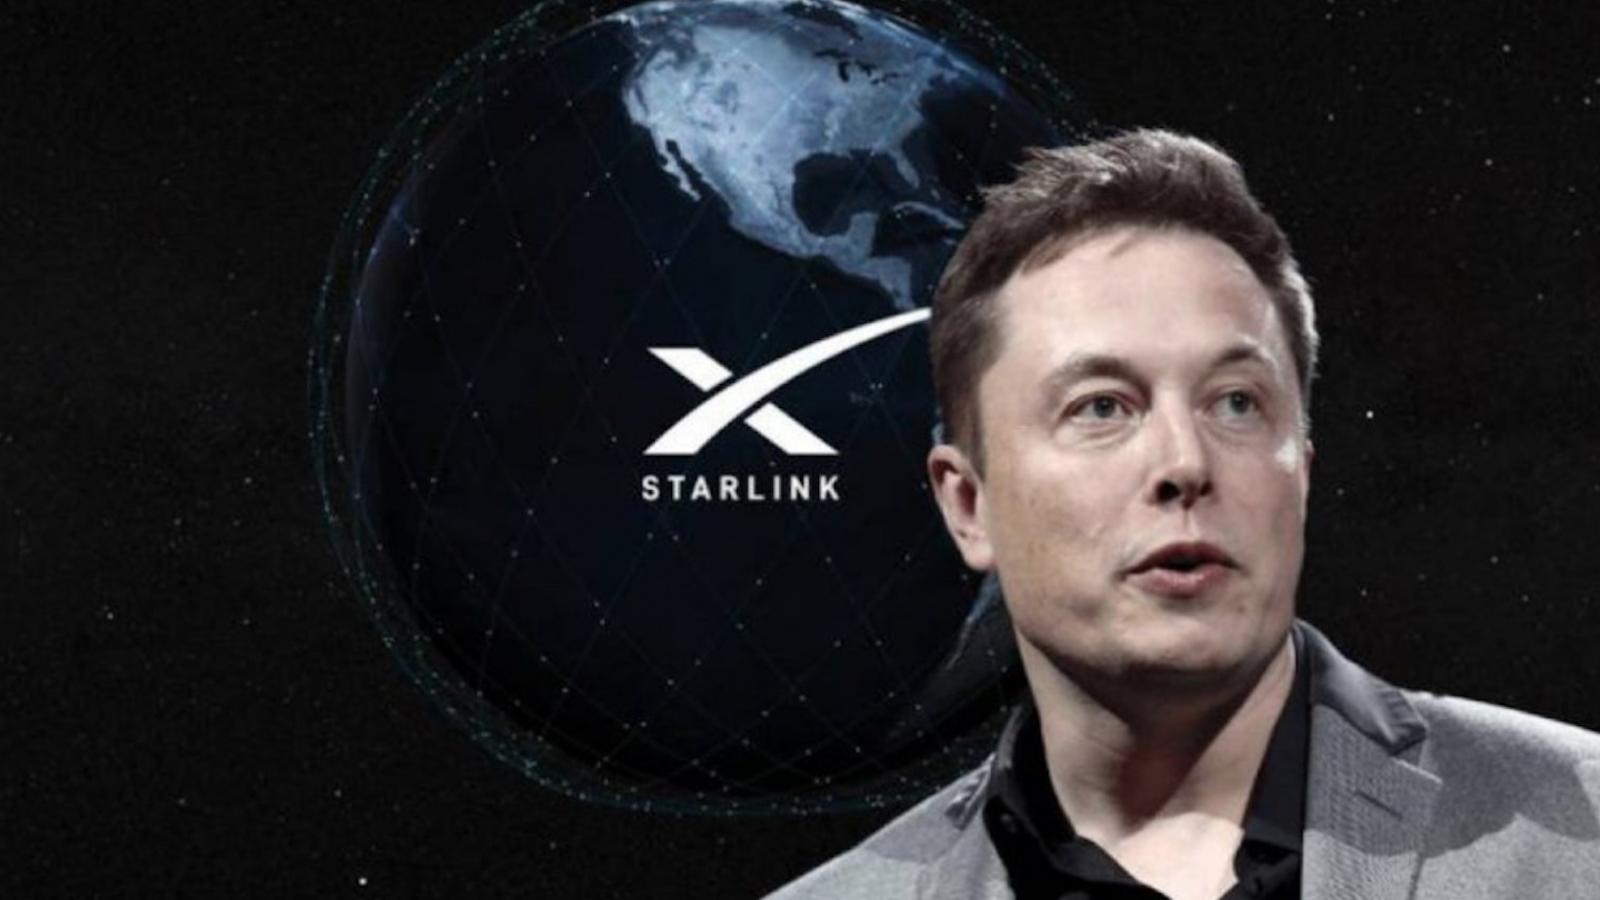 Internet vệ tinh của Elon Musk dọa cắt dịch vụ nếu tải phim lậu